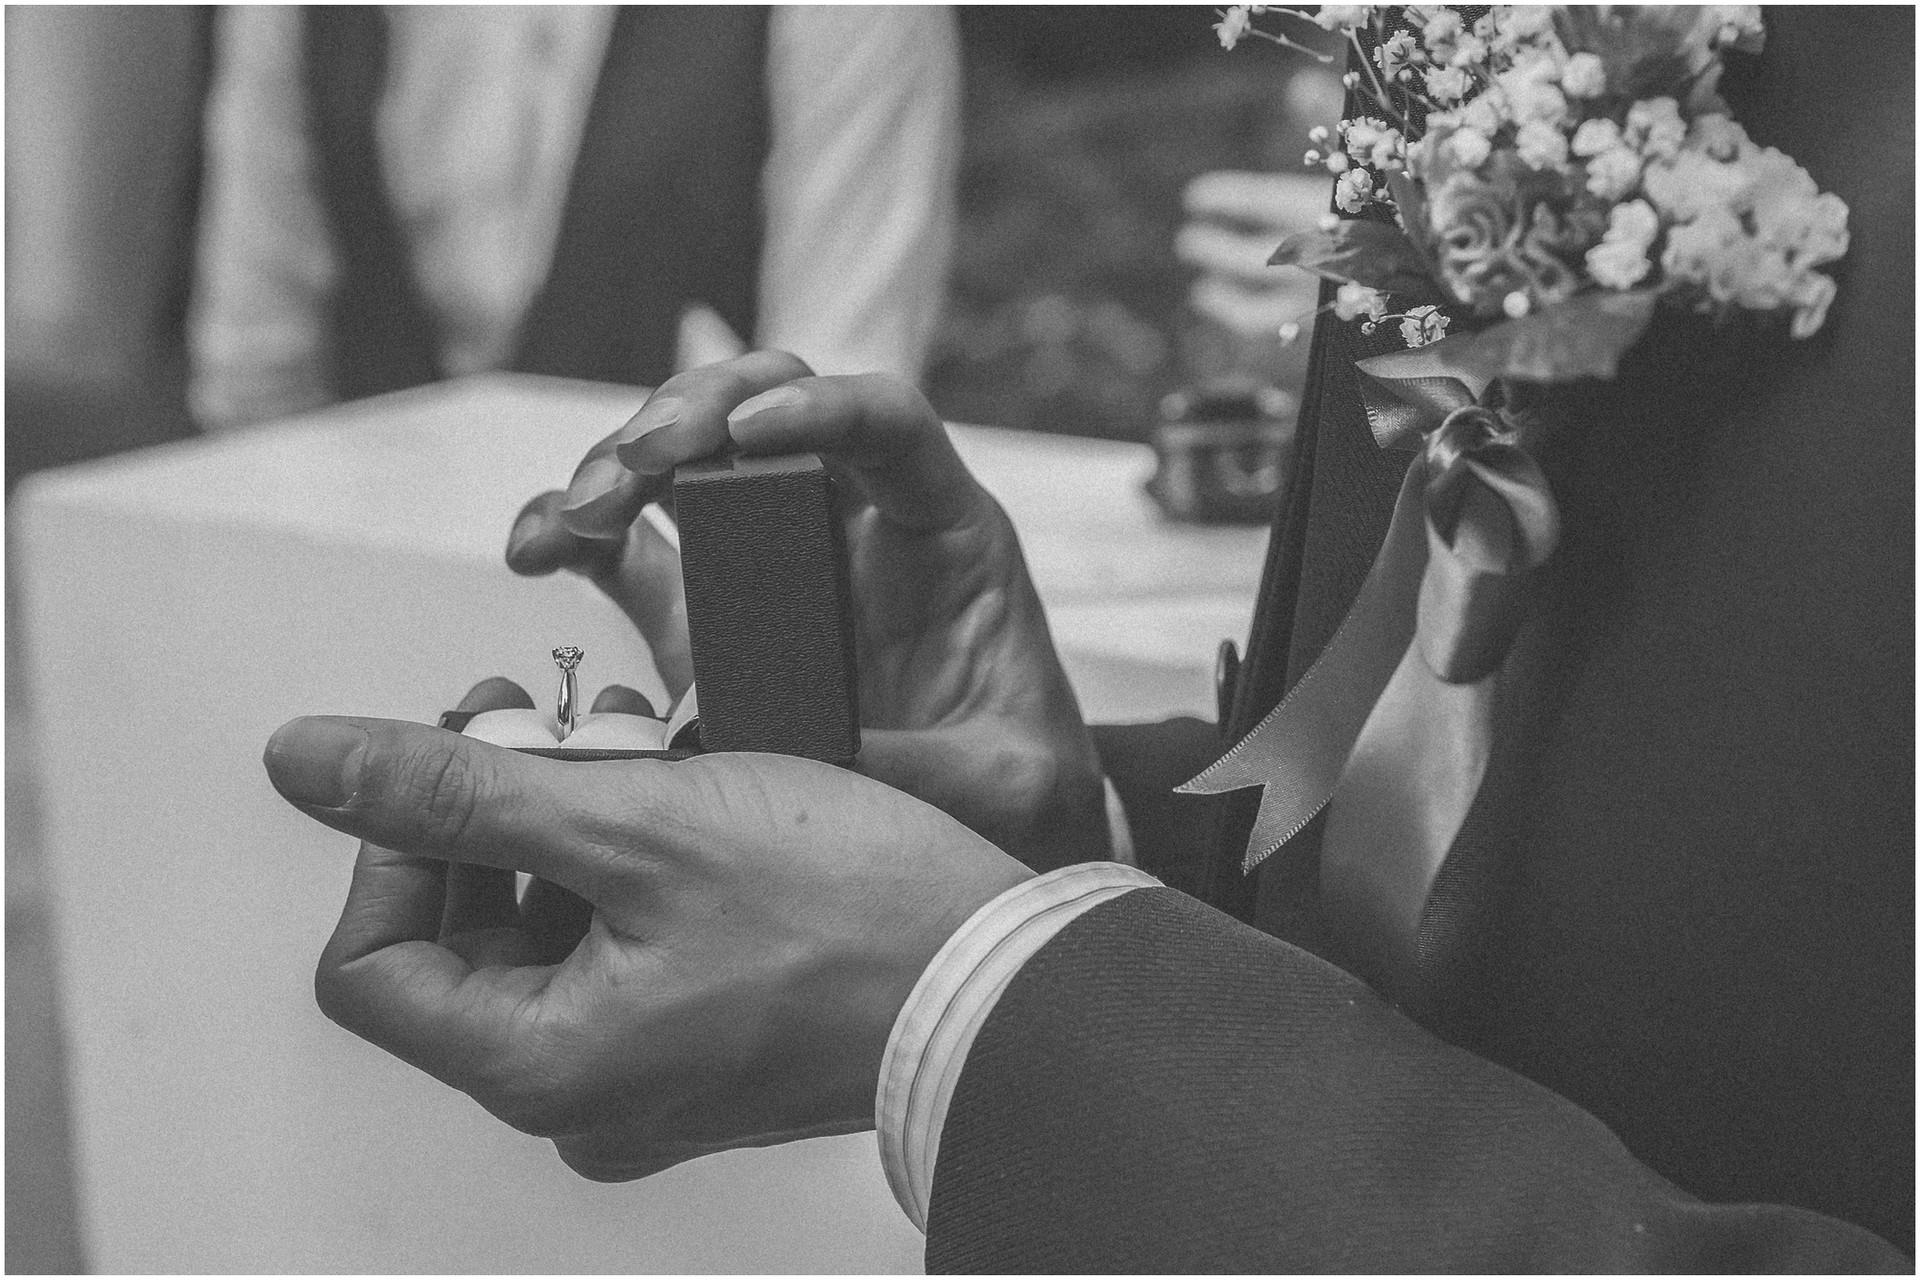 婚禮紀錄 / 婚禮拍攝 / 平面紀錄 / 類婚紗 / 教堂婚禮 / 威多麗亞酒店